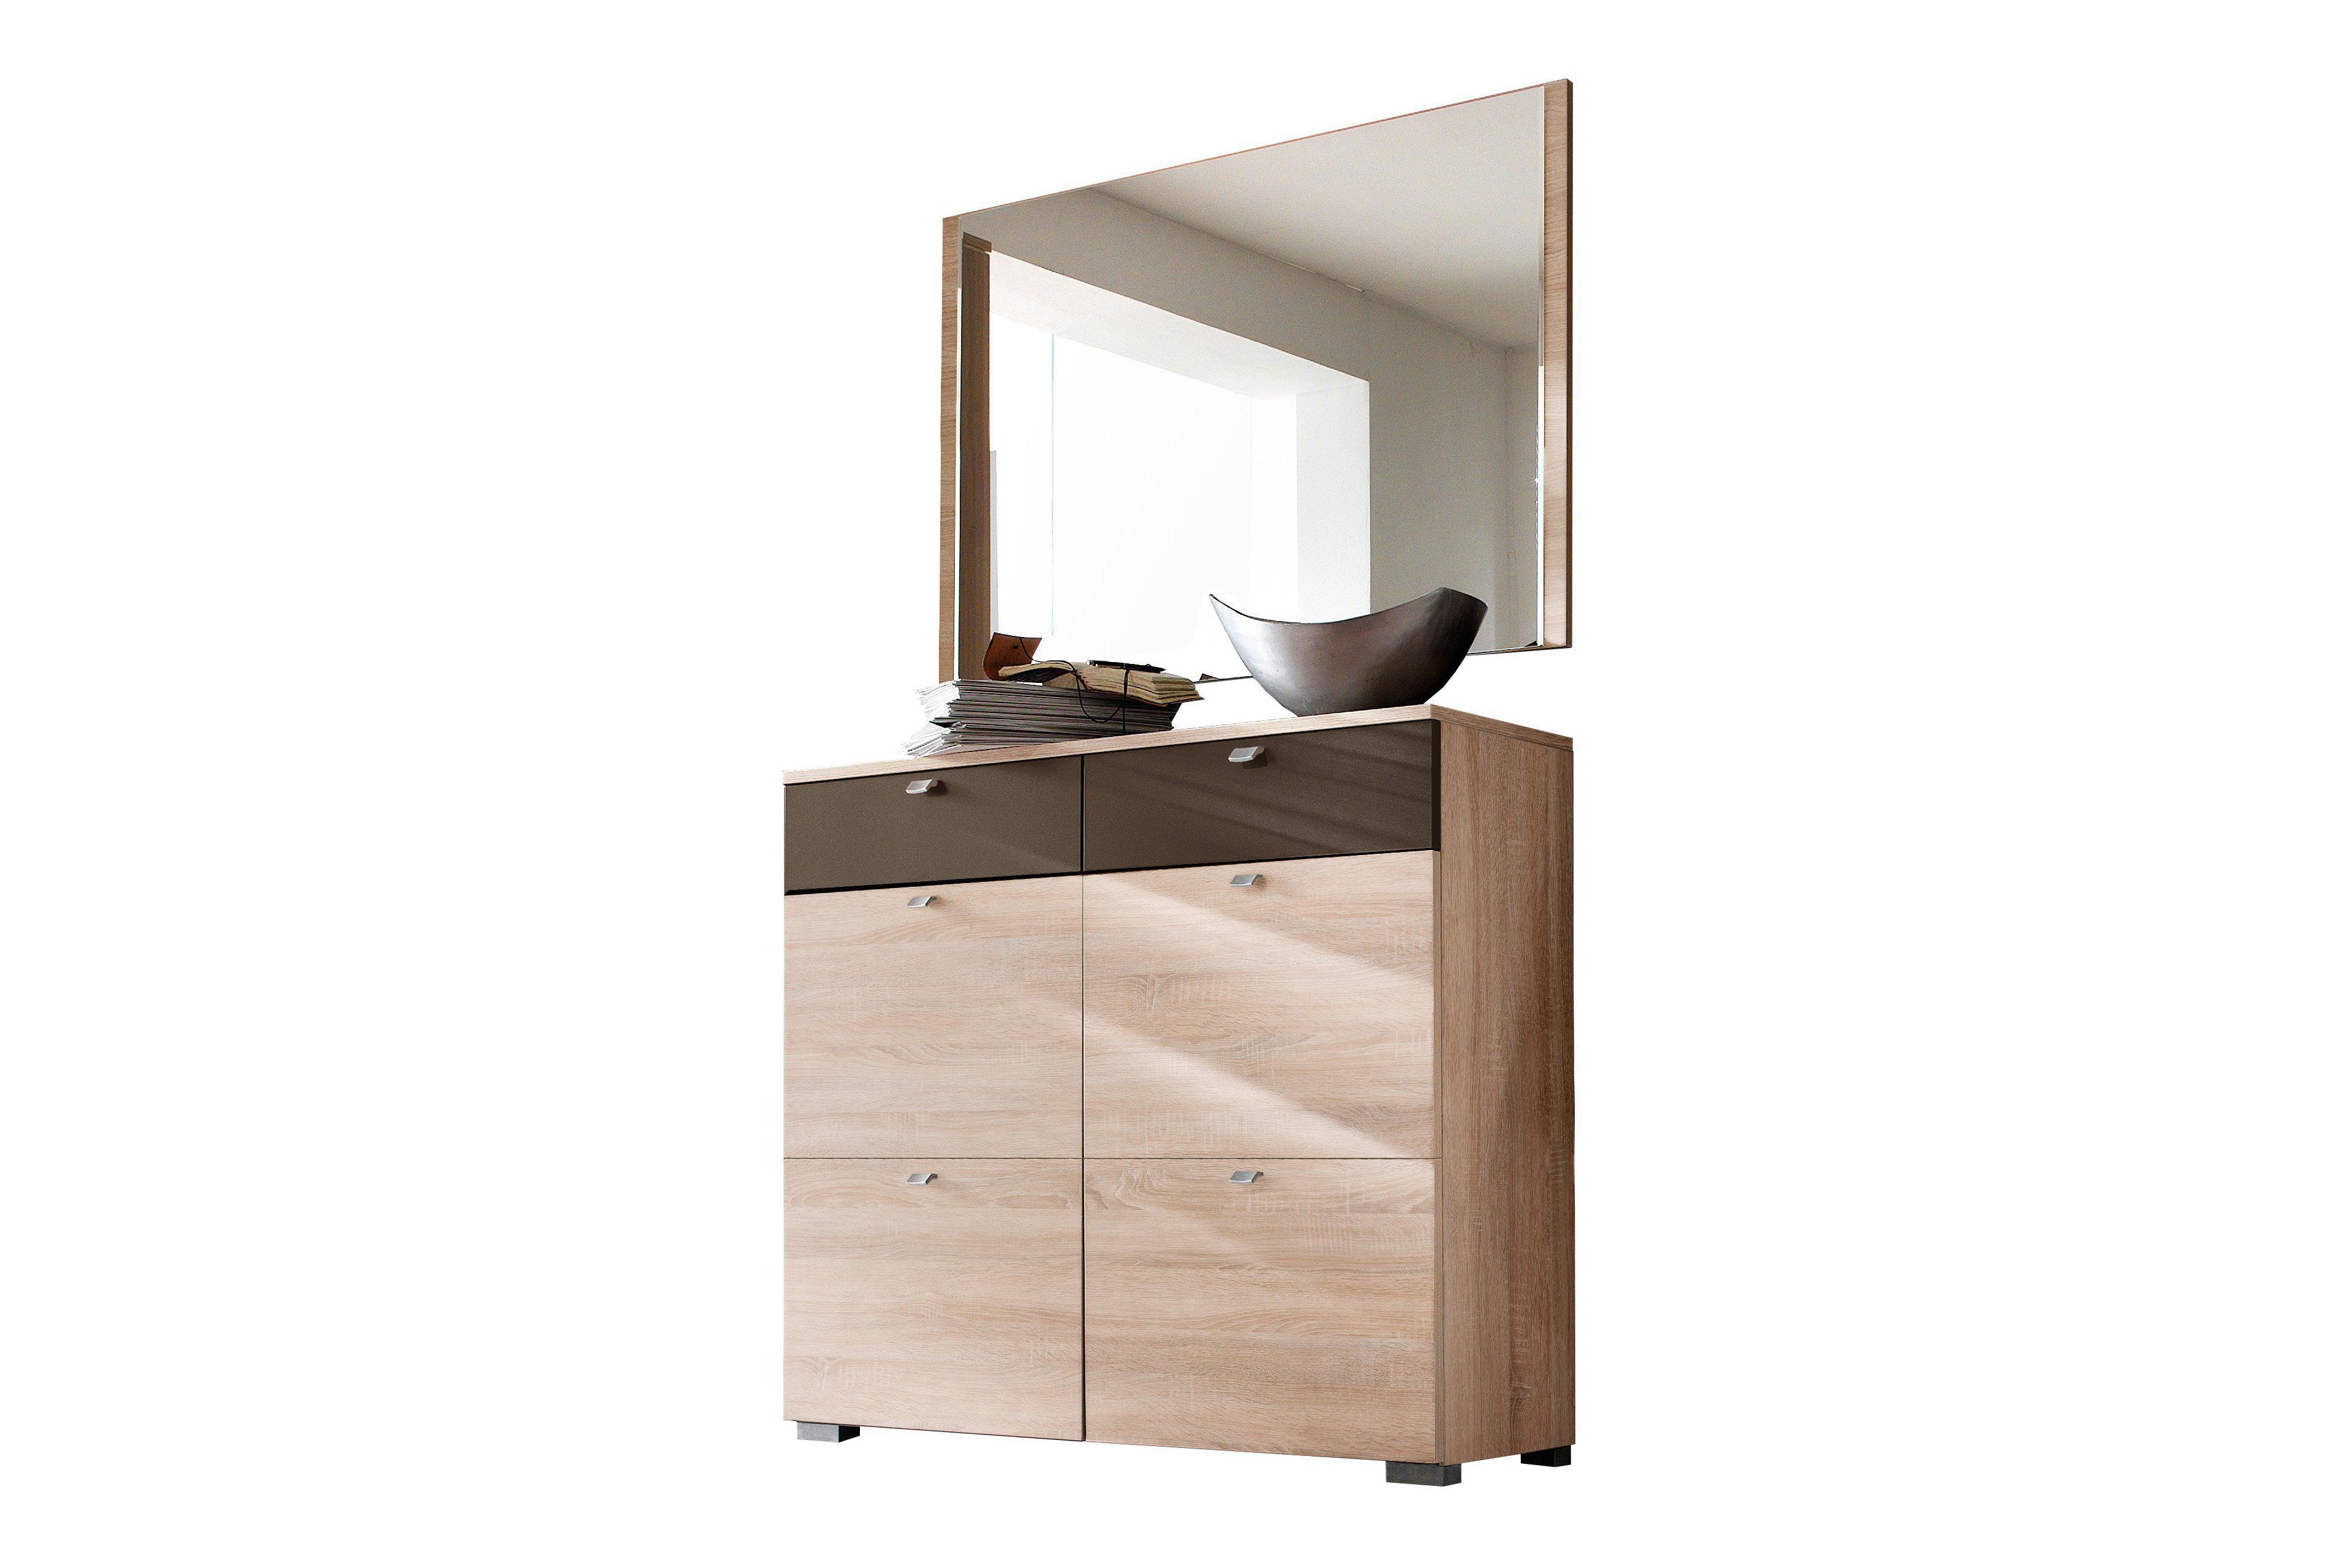 garderobe multi color una set 18 von wittenbreder m bel. Black Bedroom Furniture Sets. Home Design Ideas